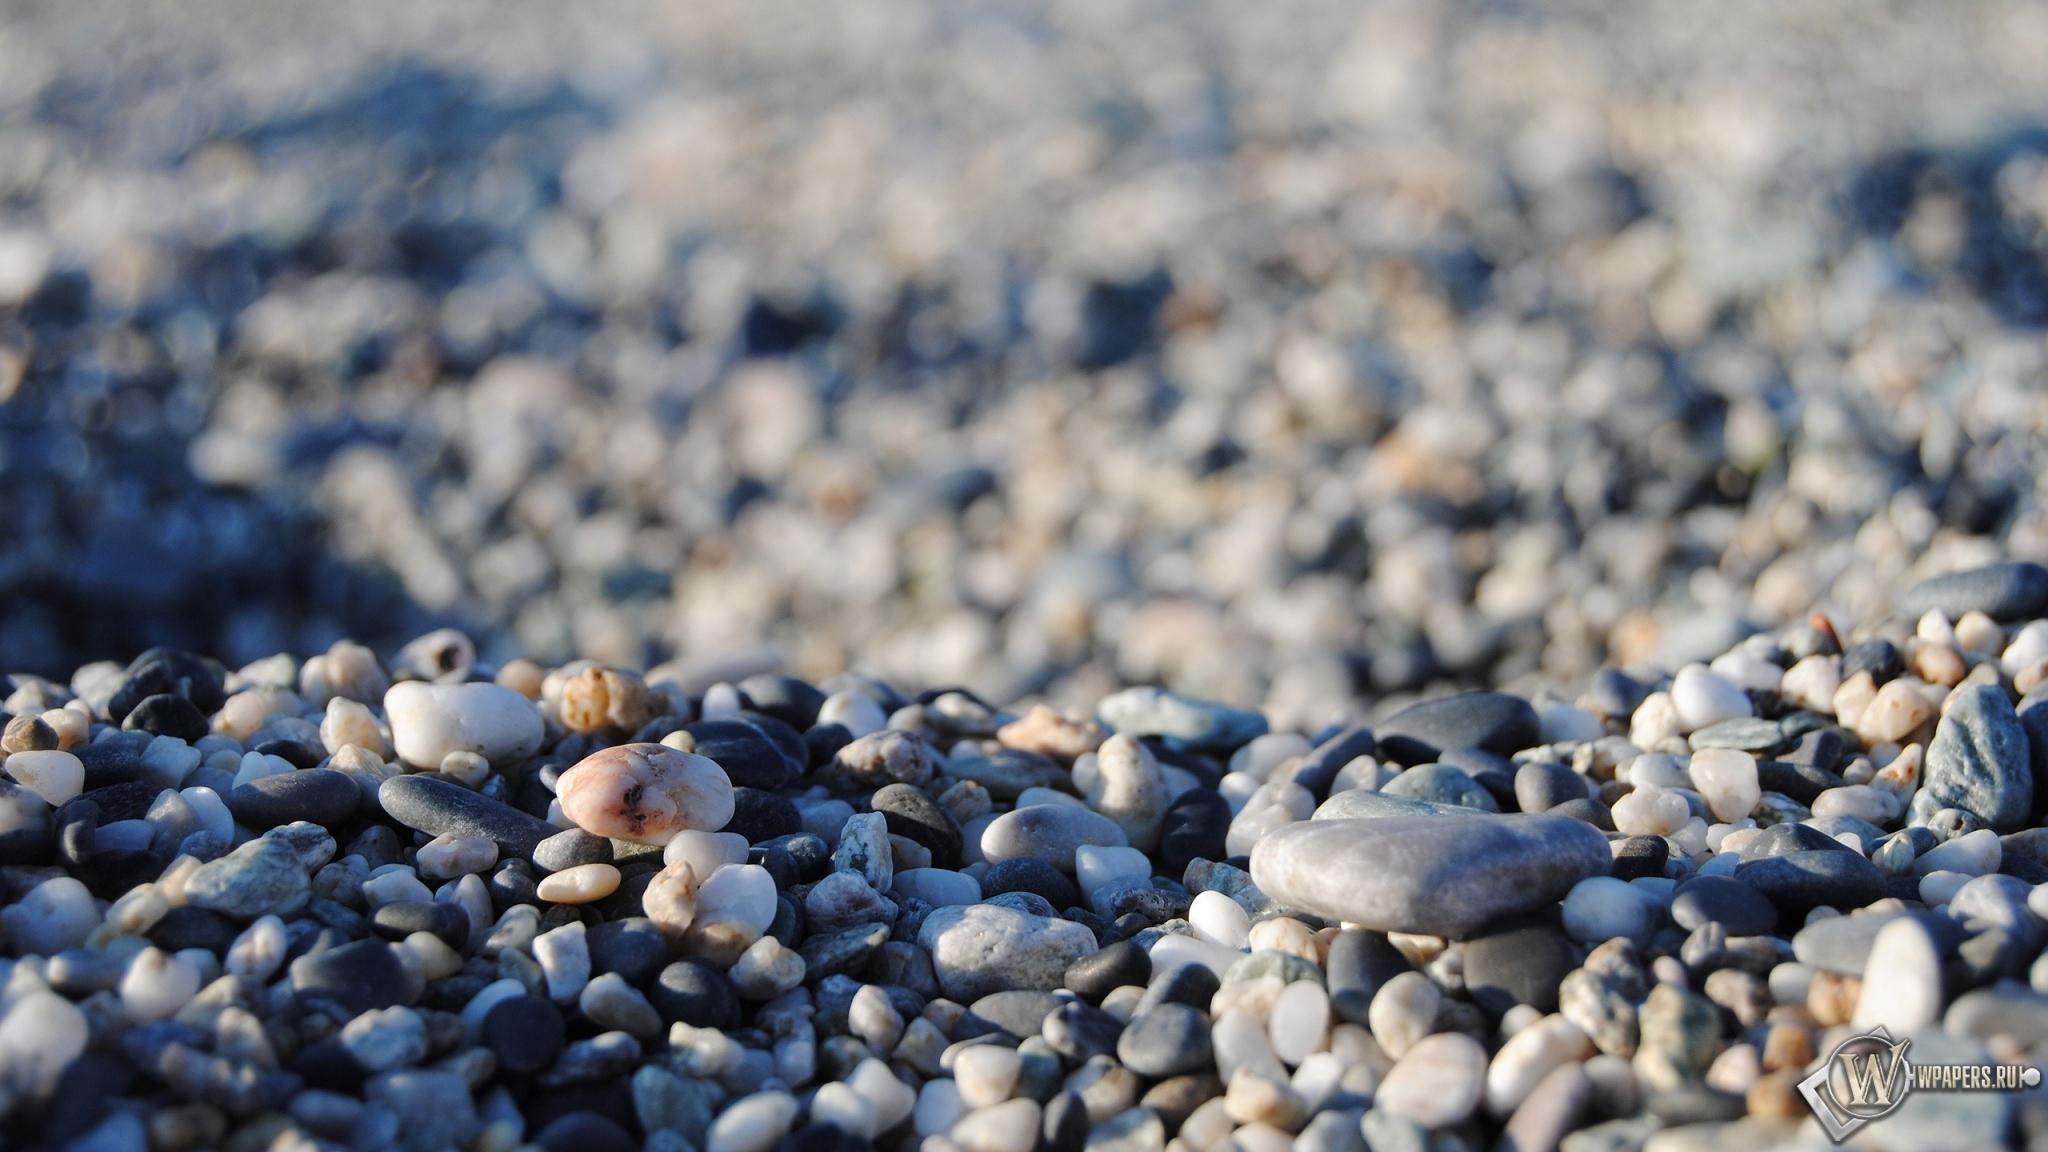 Морская галька 2048x1152